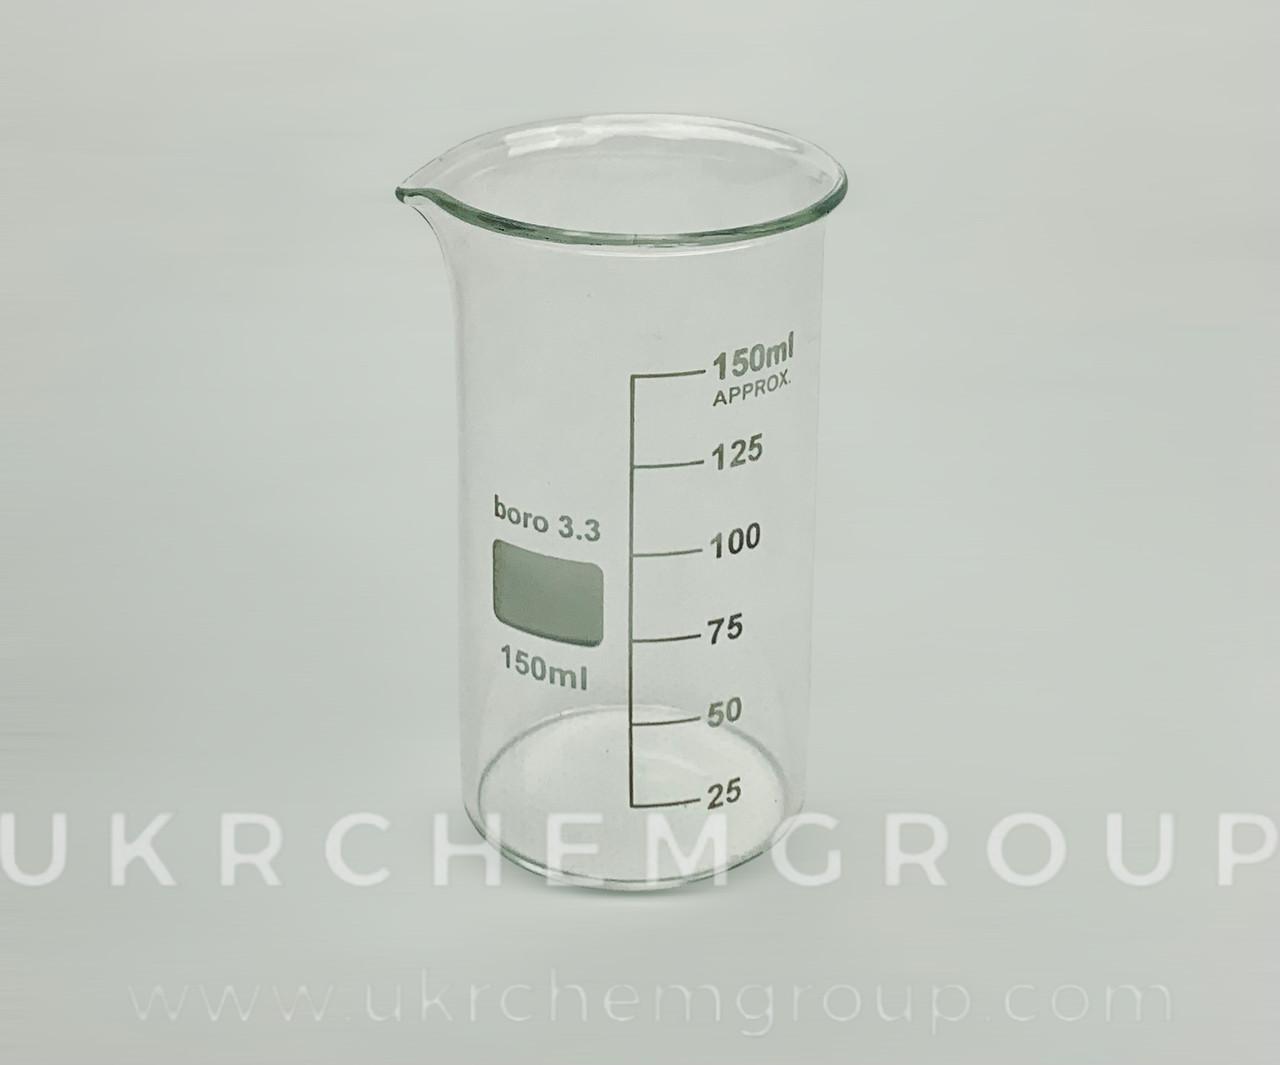 Стакан мерный высокий 150мл, Boro3.3